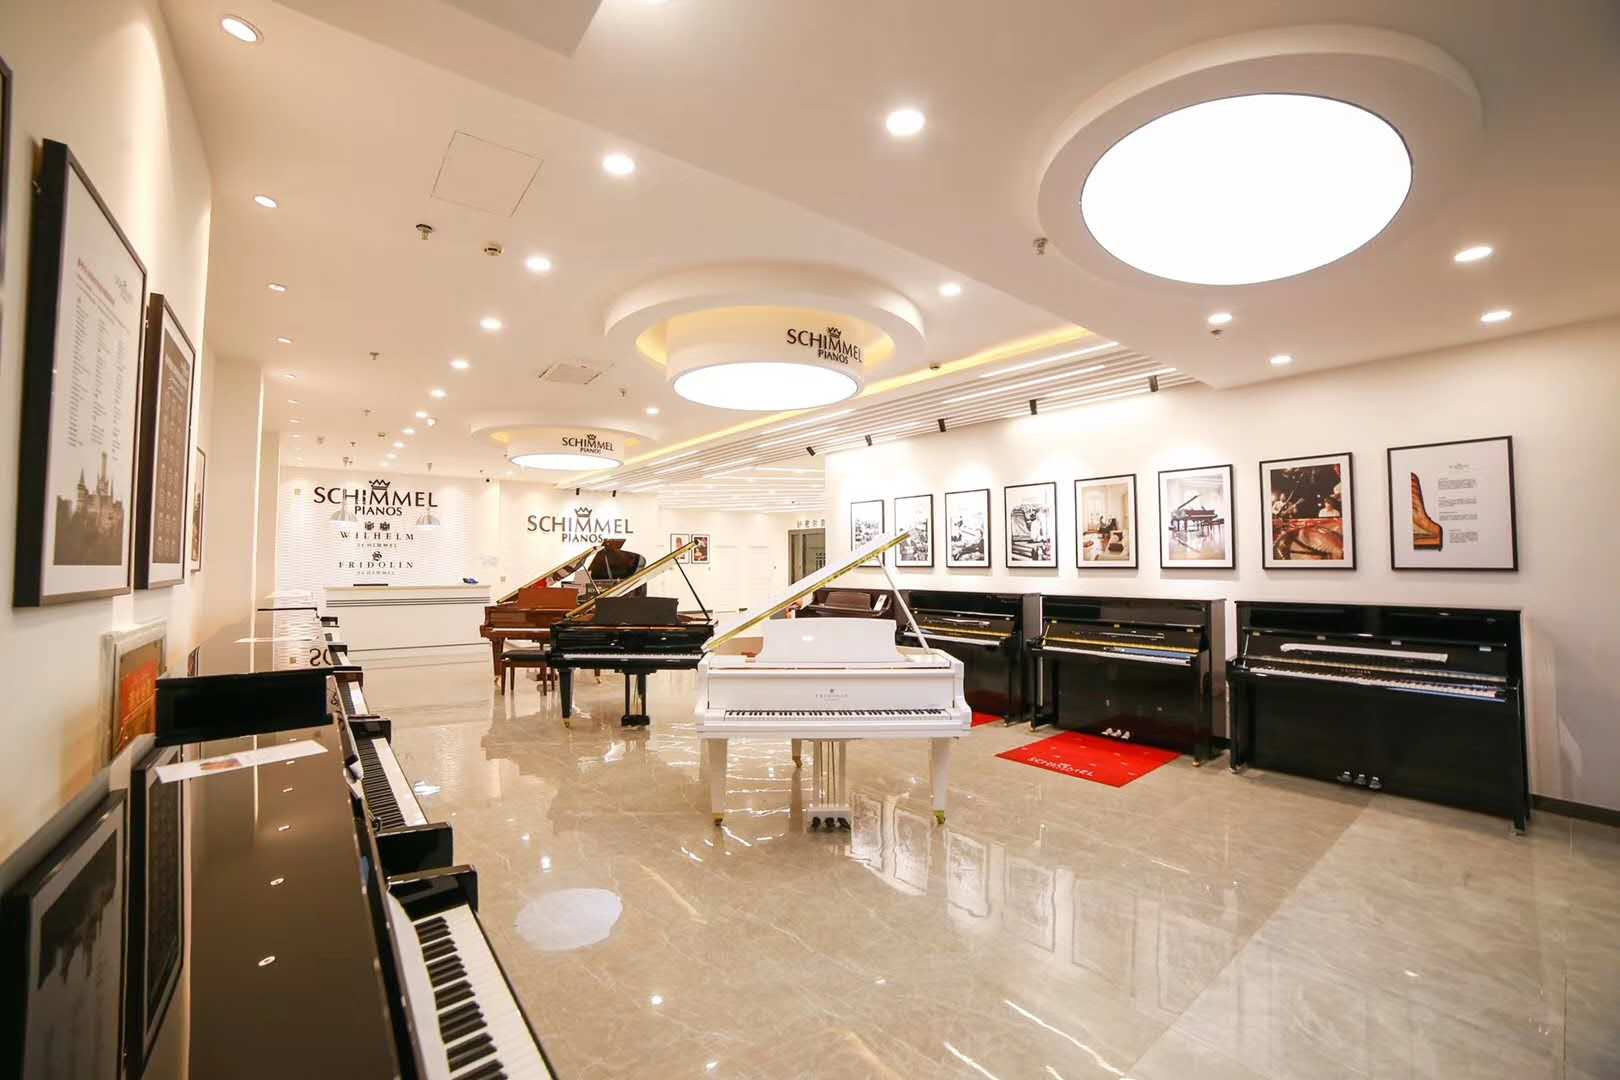 新疆德国舒密尔钢琴批发-哈密德国舒密尔钢琴公司